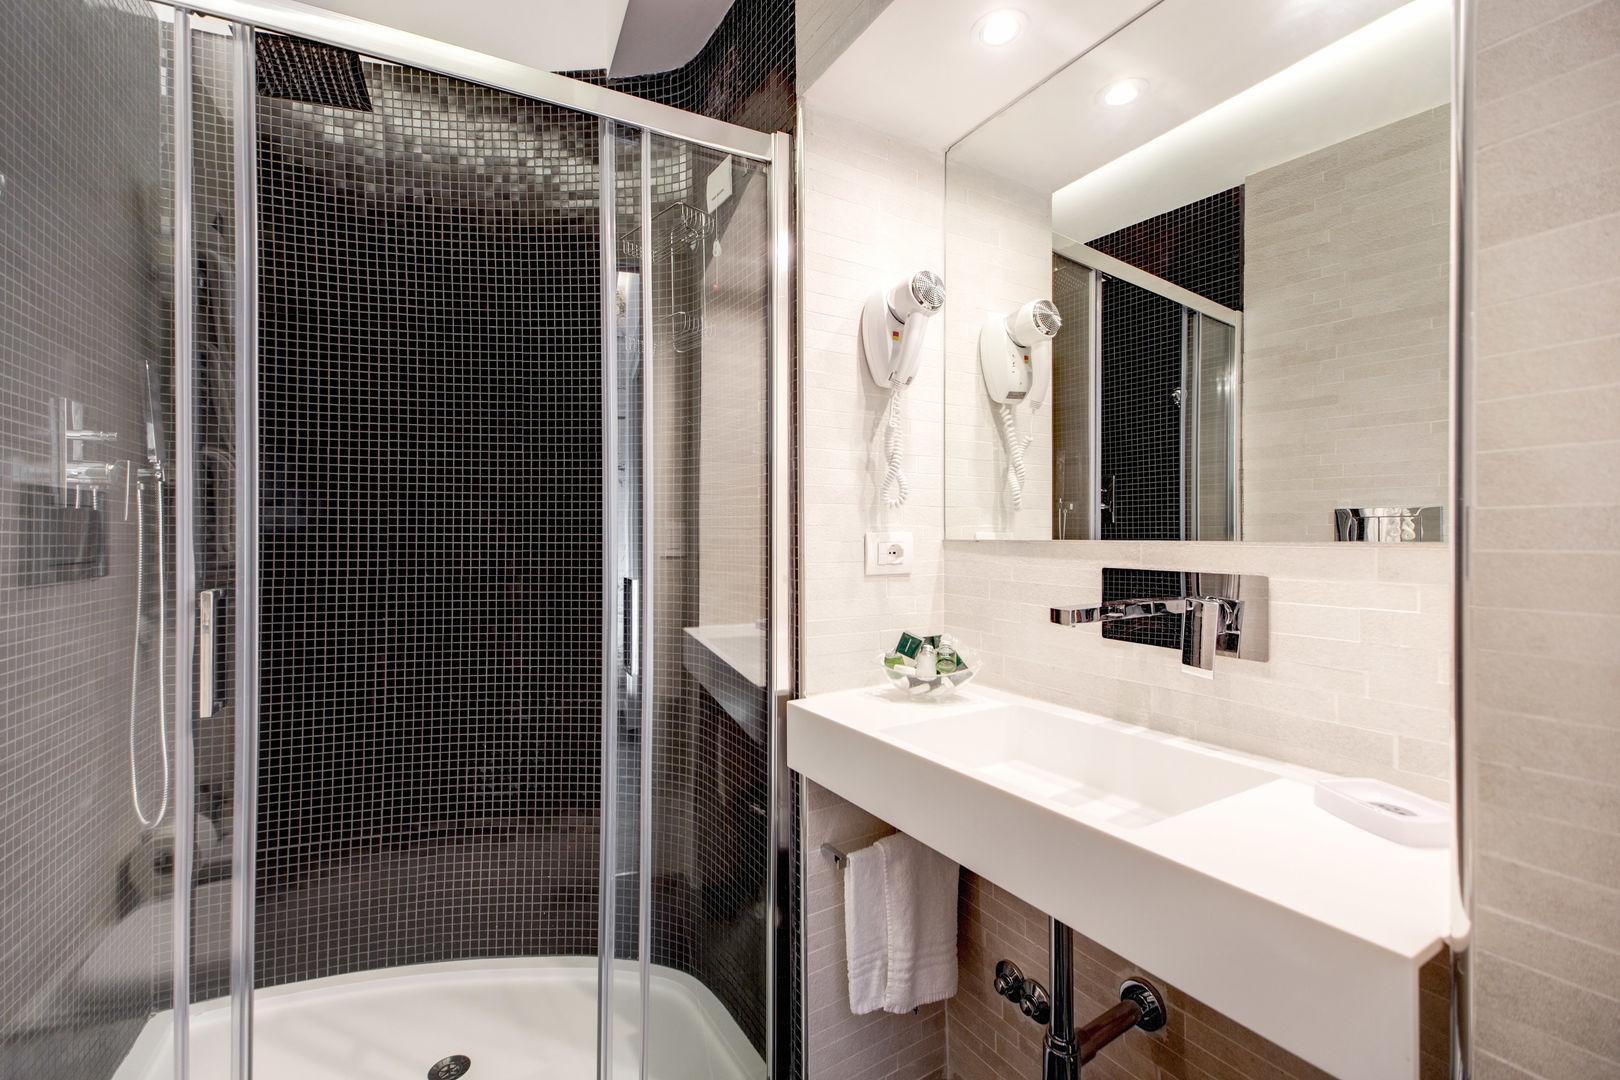 Idee per bagno piccolo top come scegliere colore pareti